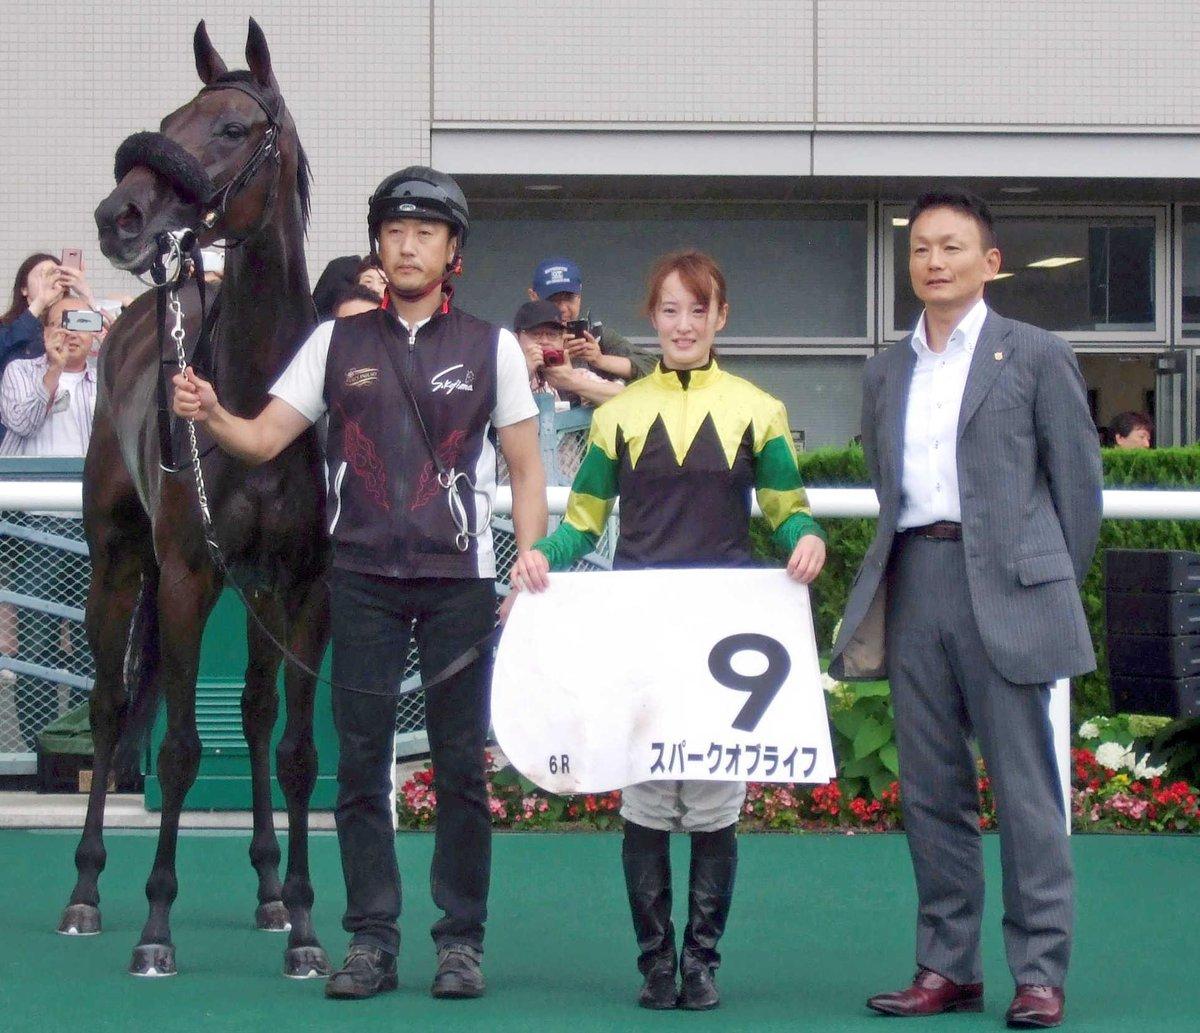 藤田菜七子 今年JRA18勝目「馬の力を信じて」3番人気スパークオブライフでV https://t.co/mOs9i48qEZ